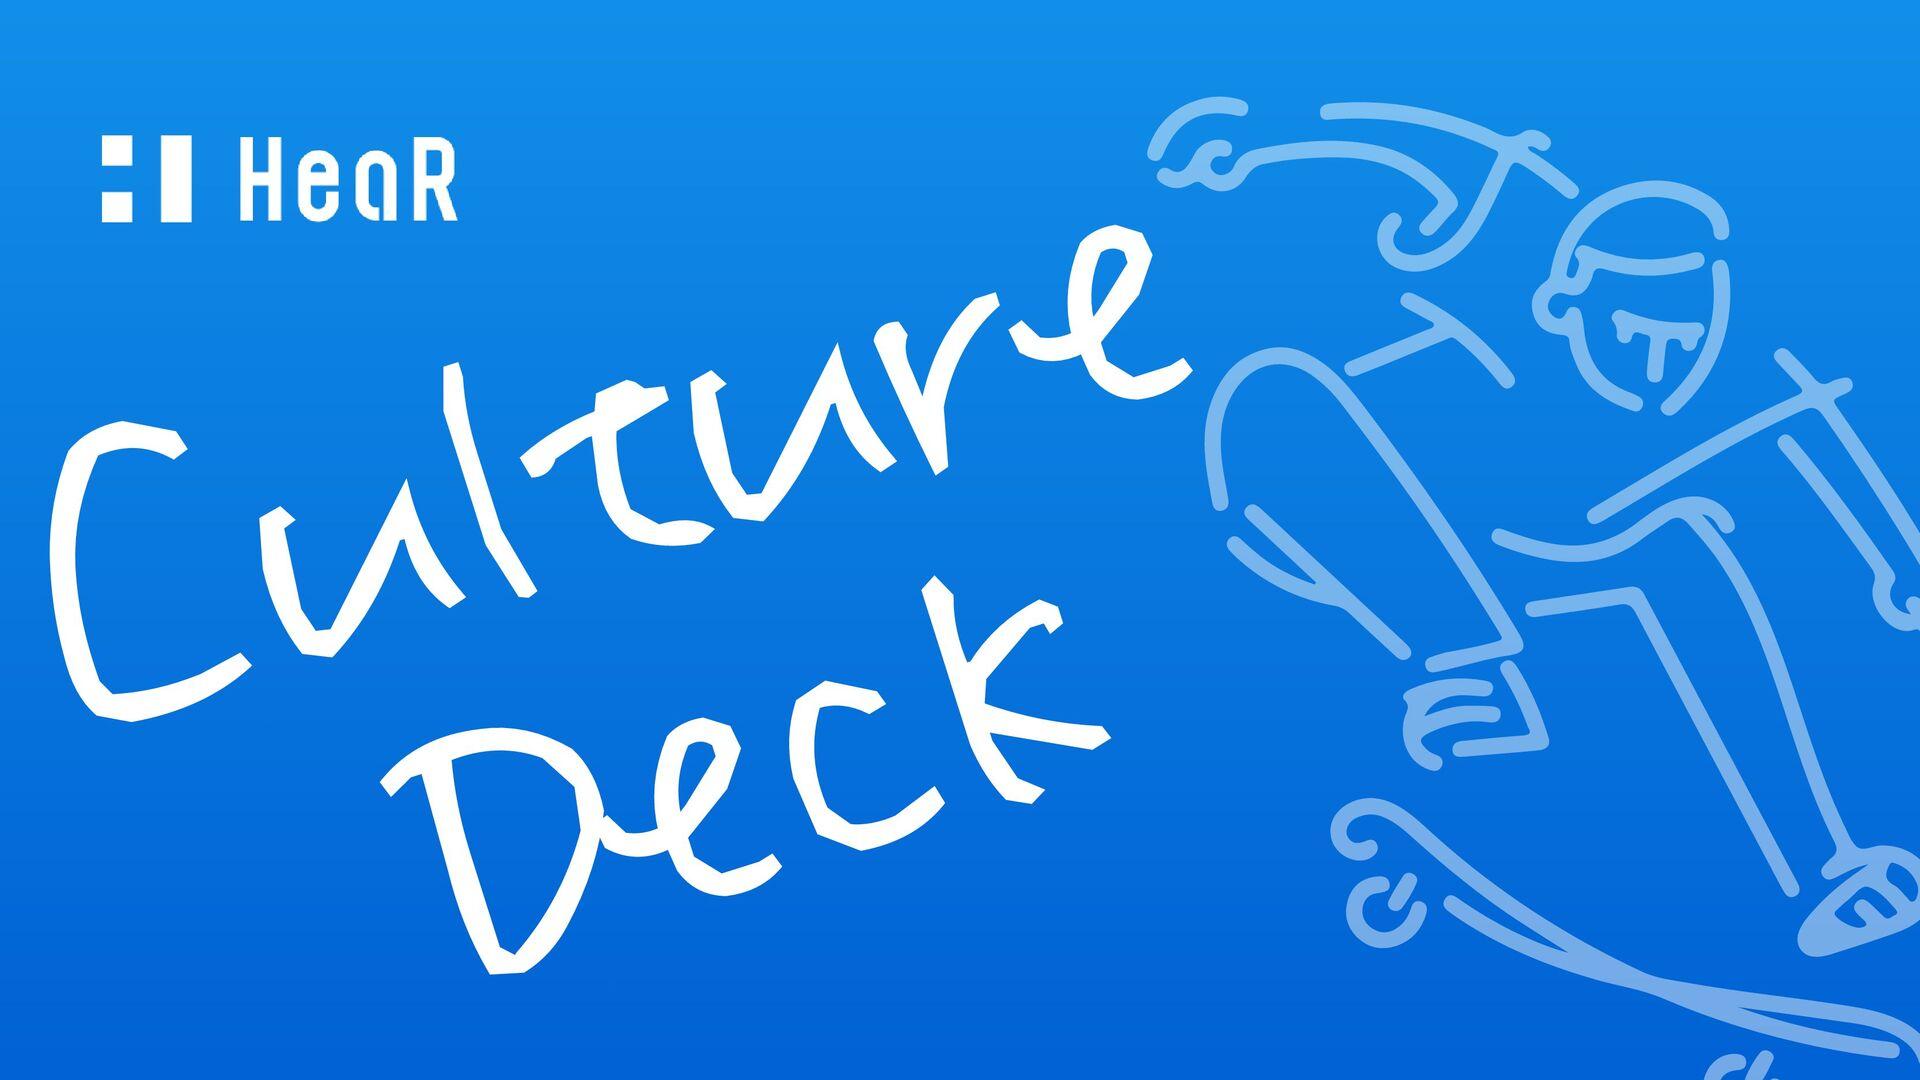 Culture Deck HeaR Inc.